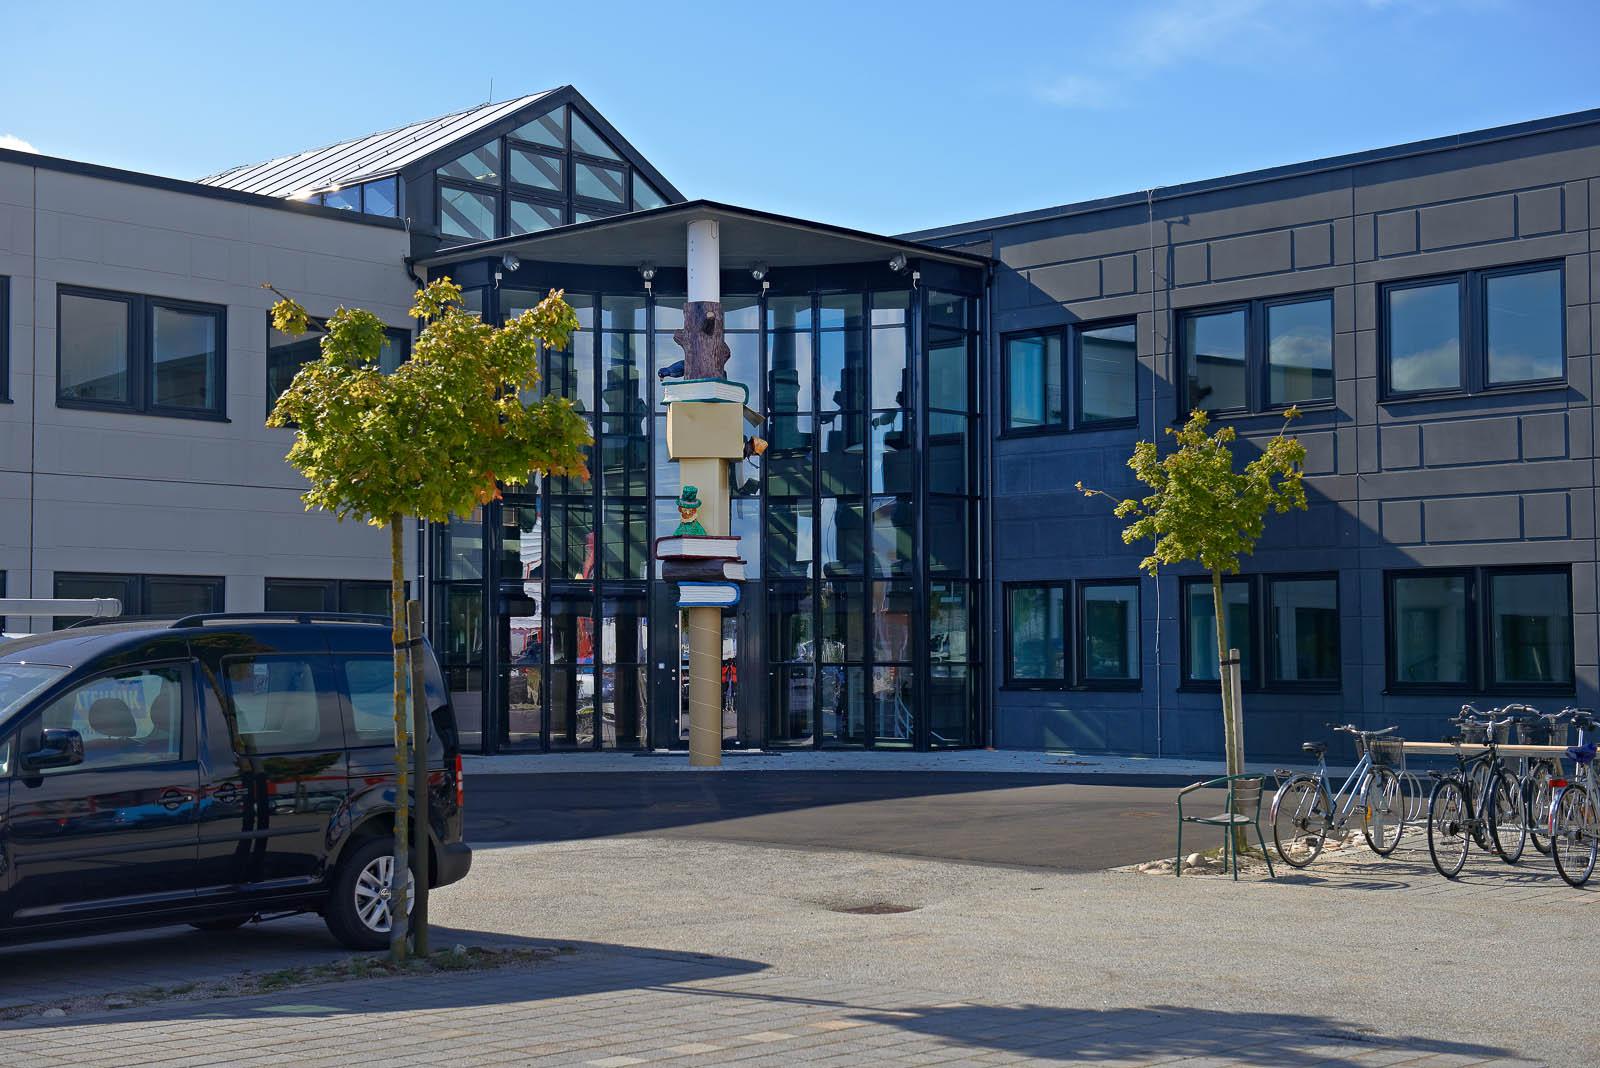 Framför byggnaden med pelaren ligger en parkeringsplats och ett cykelställ. Daniel Jensen, Fundamentet (2012)